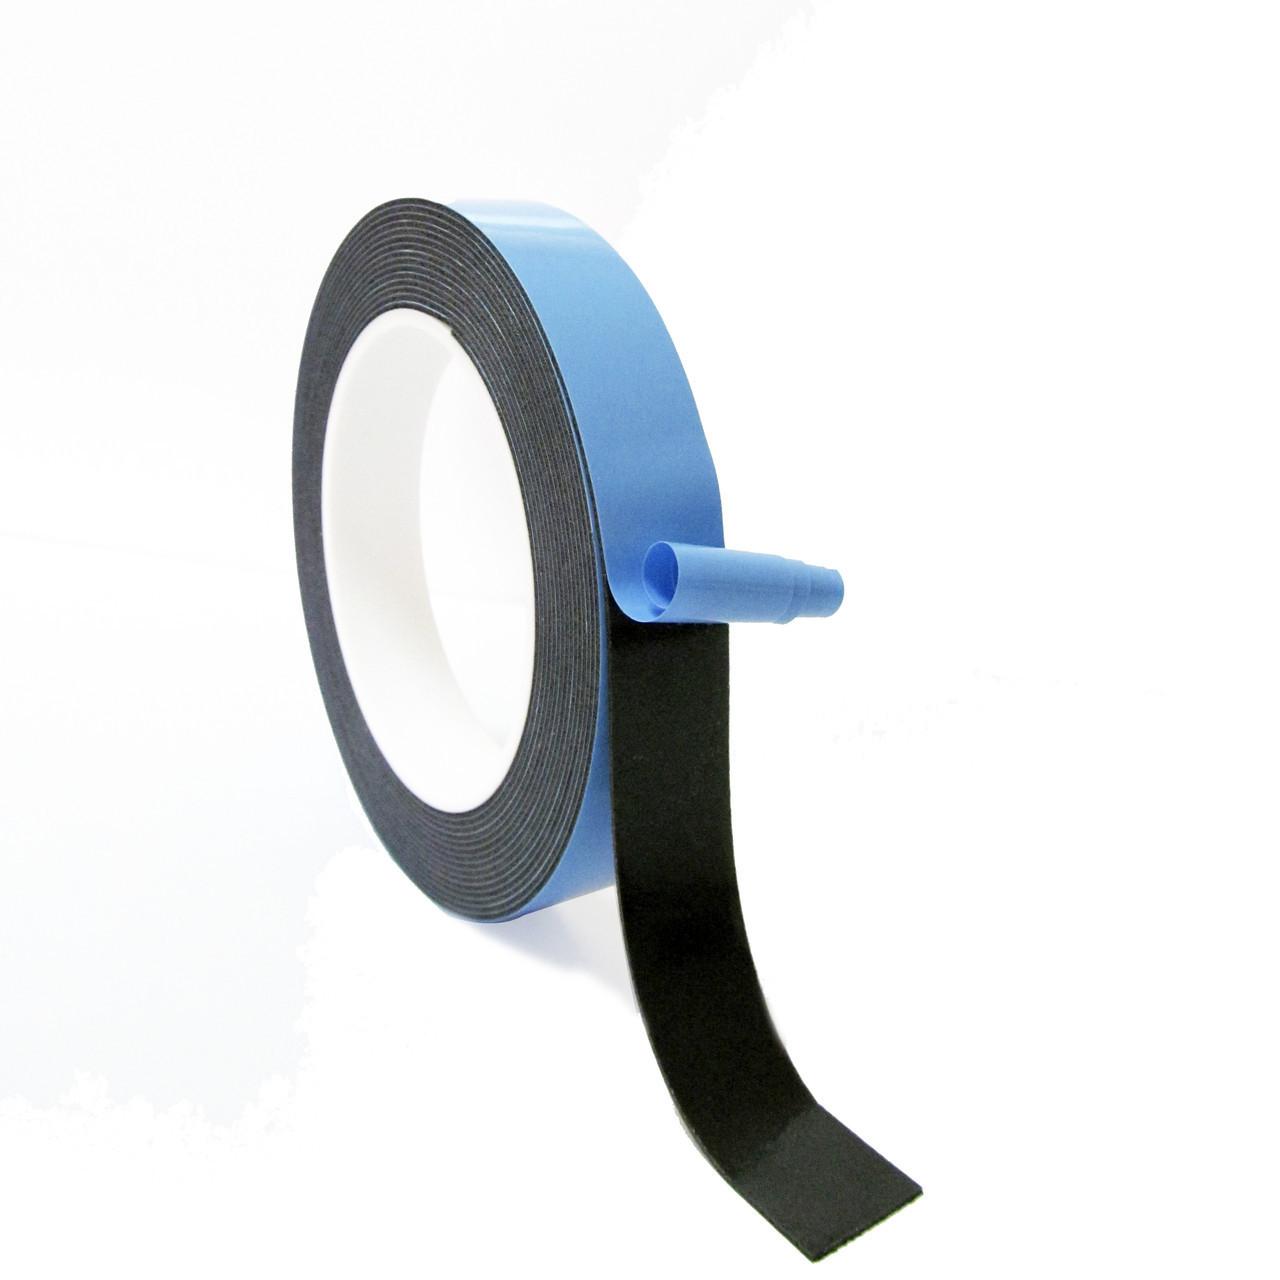 HPX 21386  - универсальная двухсторонняя клейкая лента (скотч) HPX - черная - 18мм x 66м